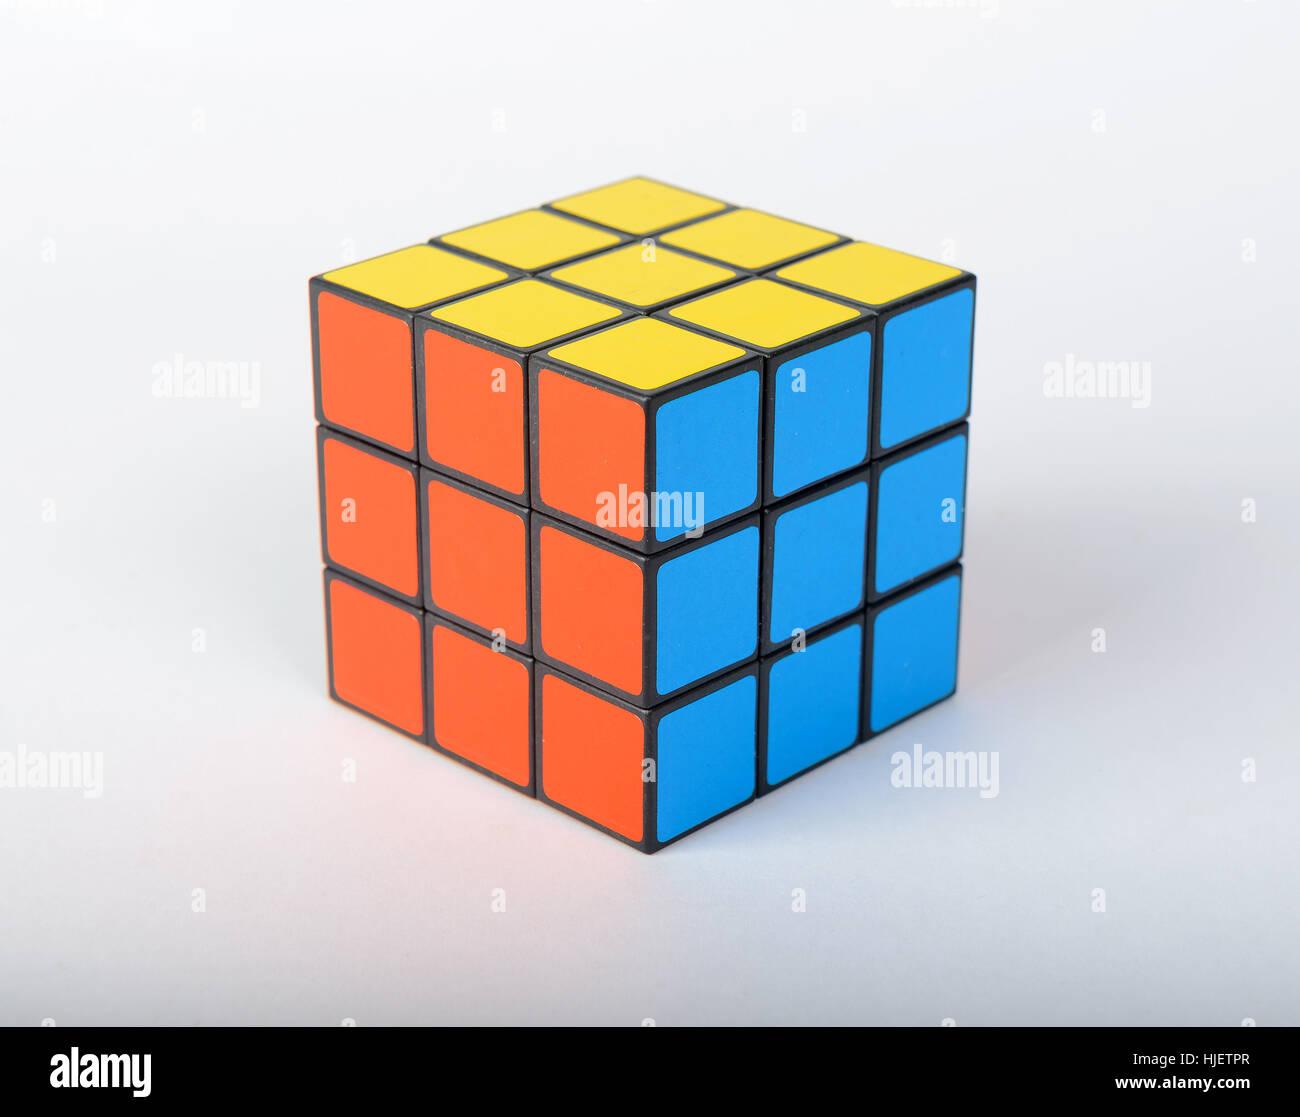 Rubik's cube cutout isolated on white background - Stock Image